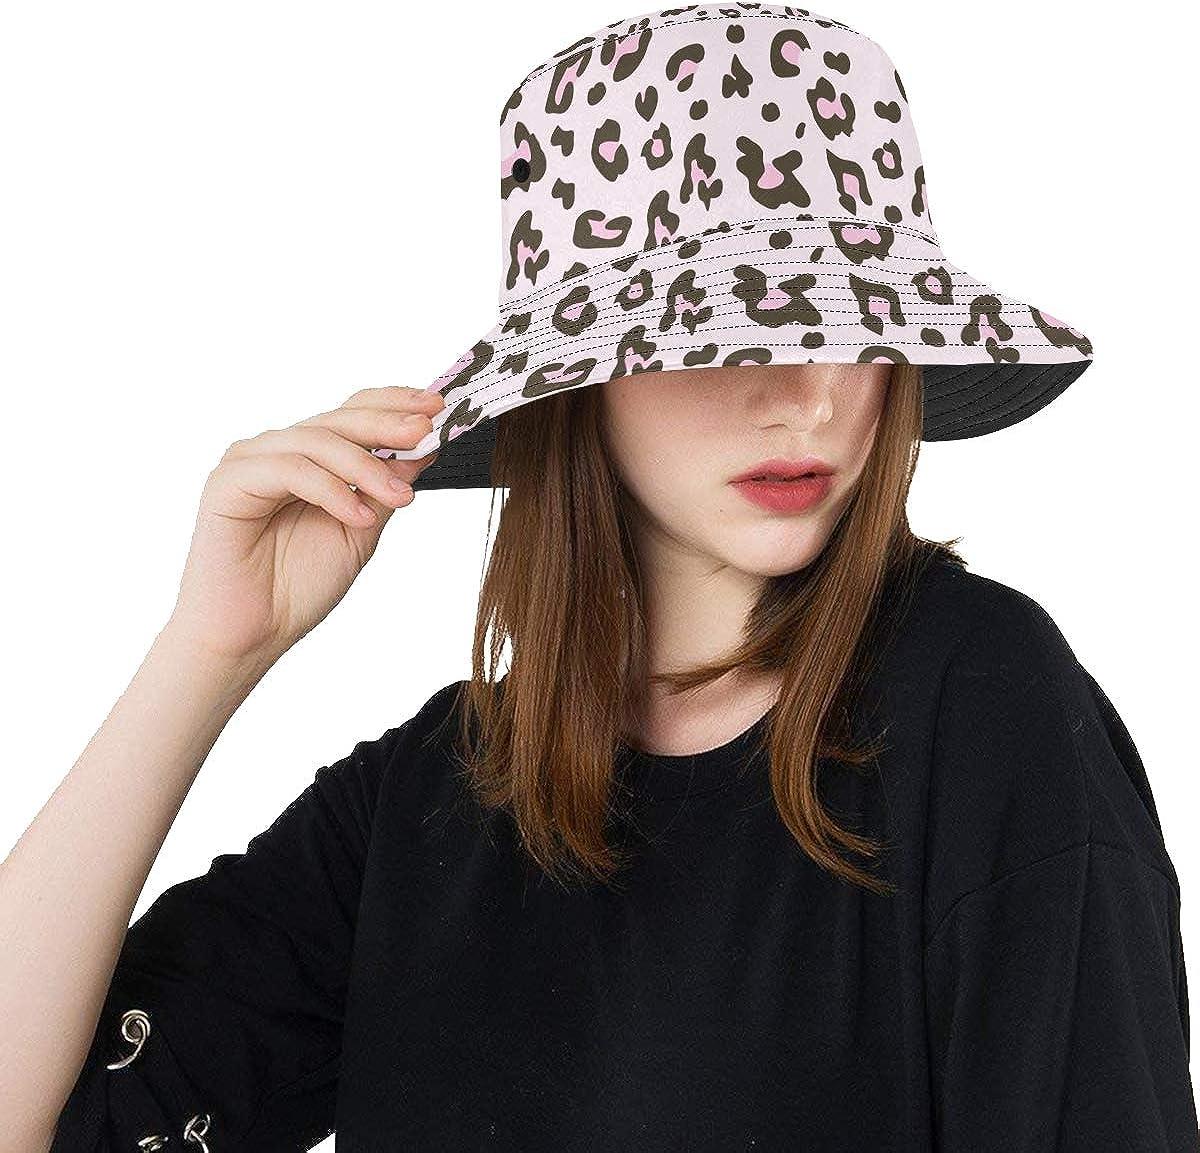 Divertido Sombrero de Playa Hermosa Piel de Leopardo Rosa Verano Unisex Pesca Sun Top Bucket Sombreros para Adolescentes Mujeres Gorra de Pescador Deporte al Aire Libre Lindo Sombrero para el Sol